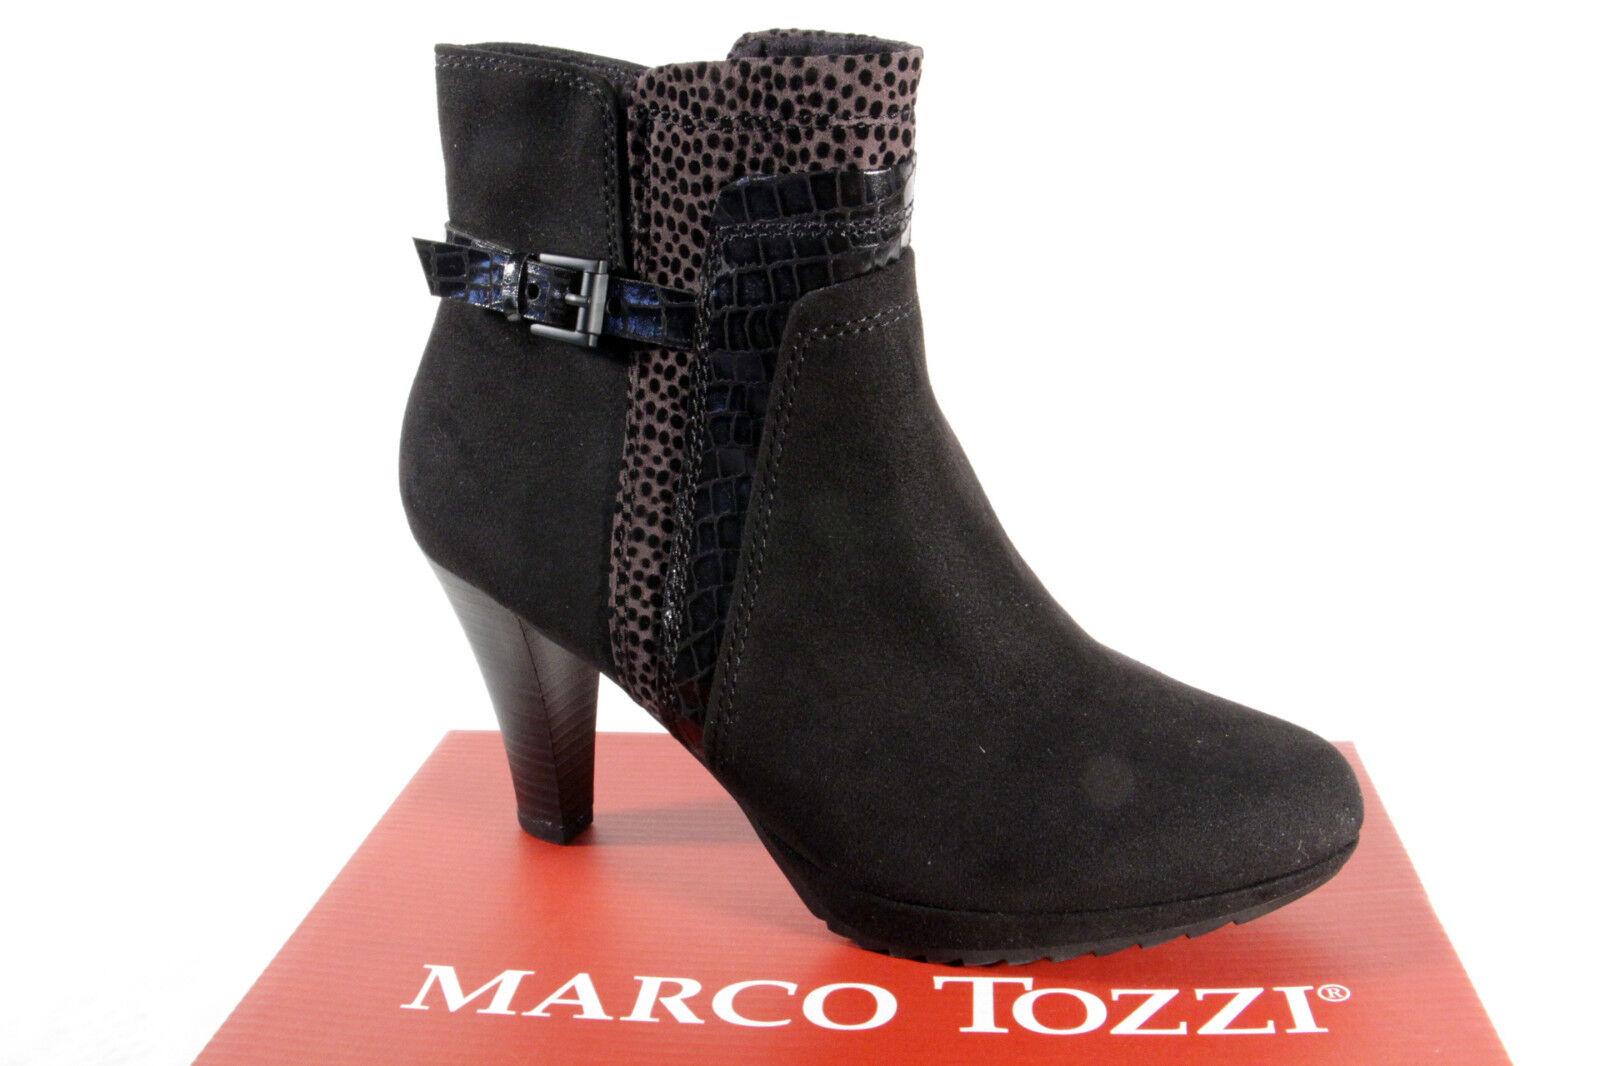 Marco Tozzi 25400 Damen Stiefel, Stiefelette, Stiefel schwarz NEU